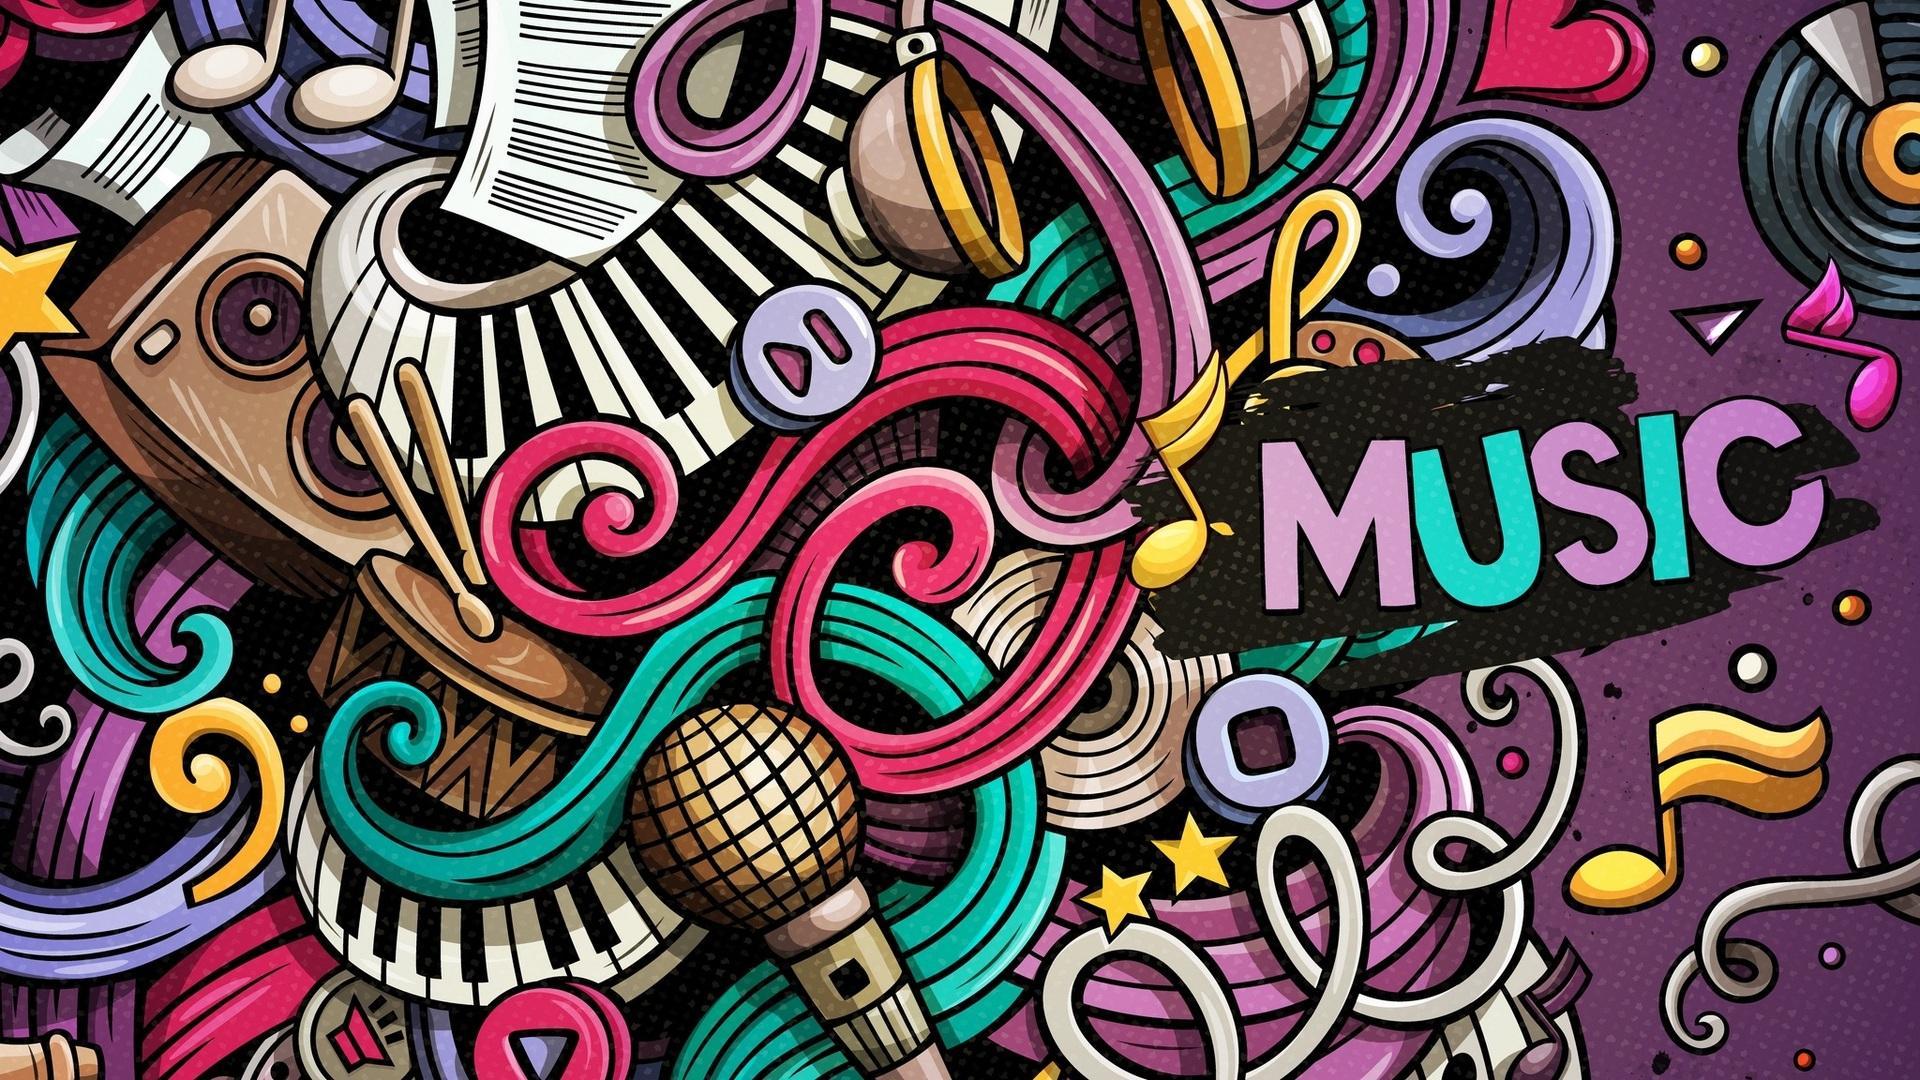 Ученые составили карту человеческих эмоций, которые вызывает музыка